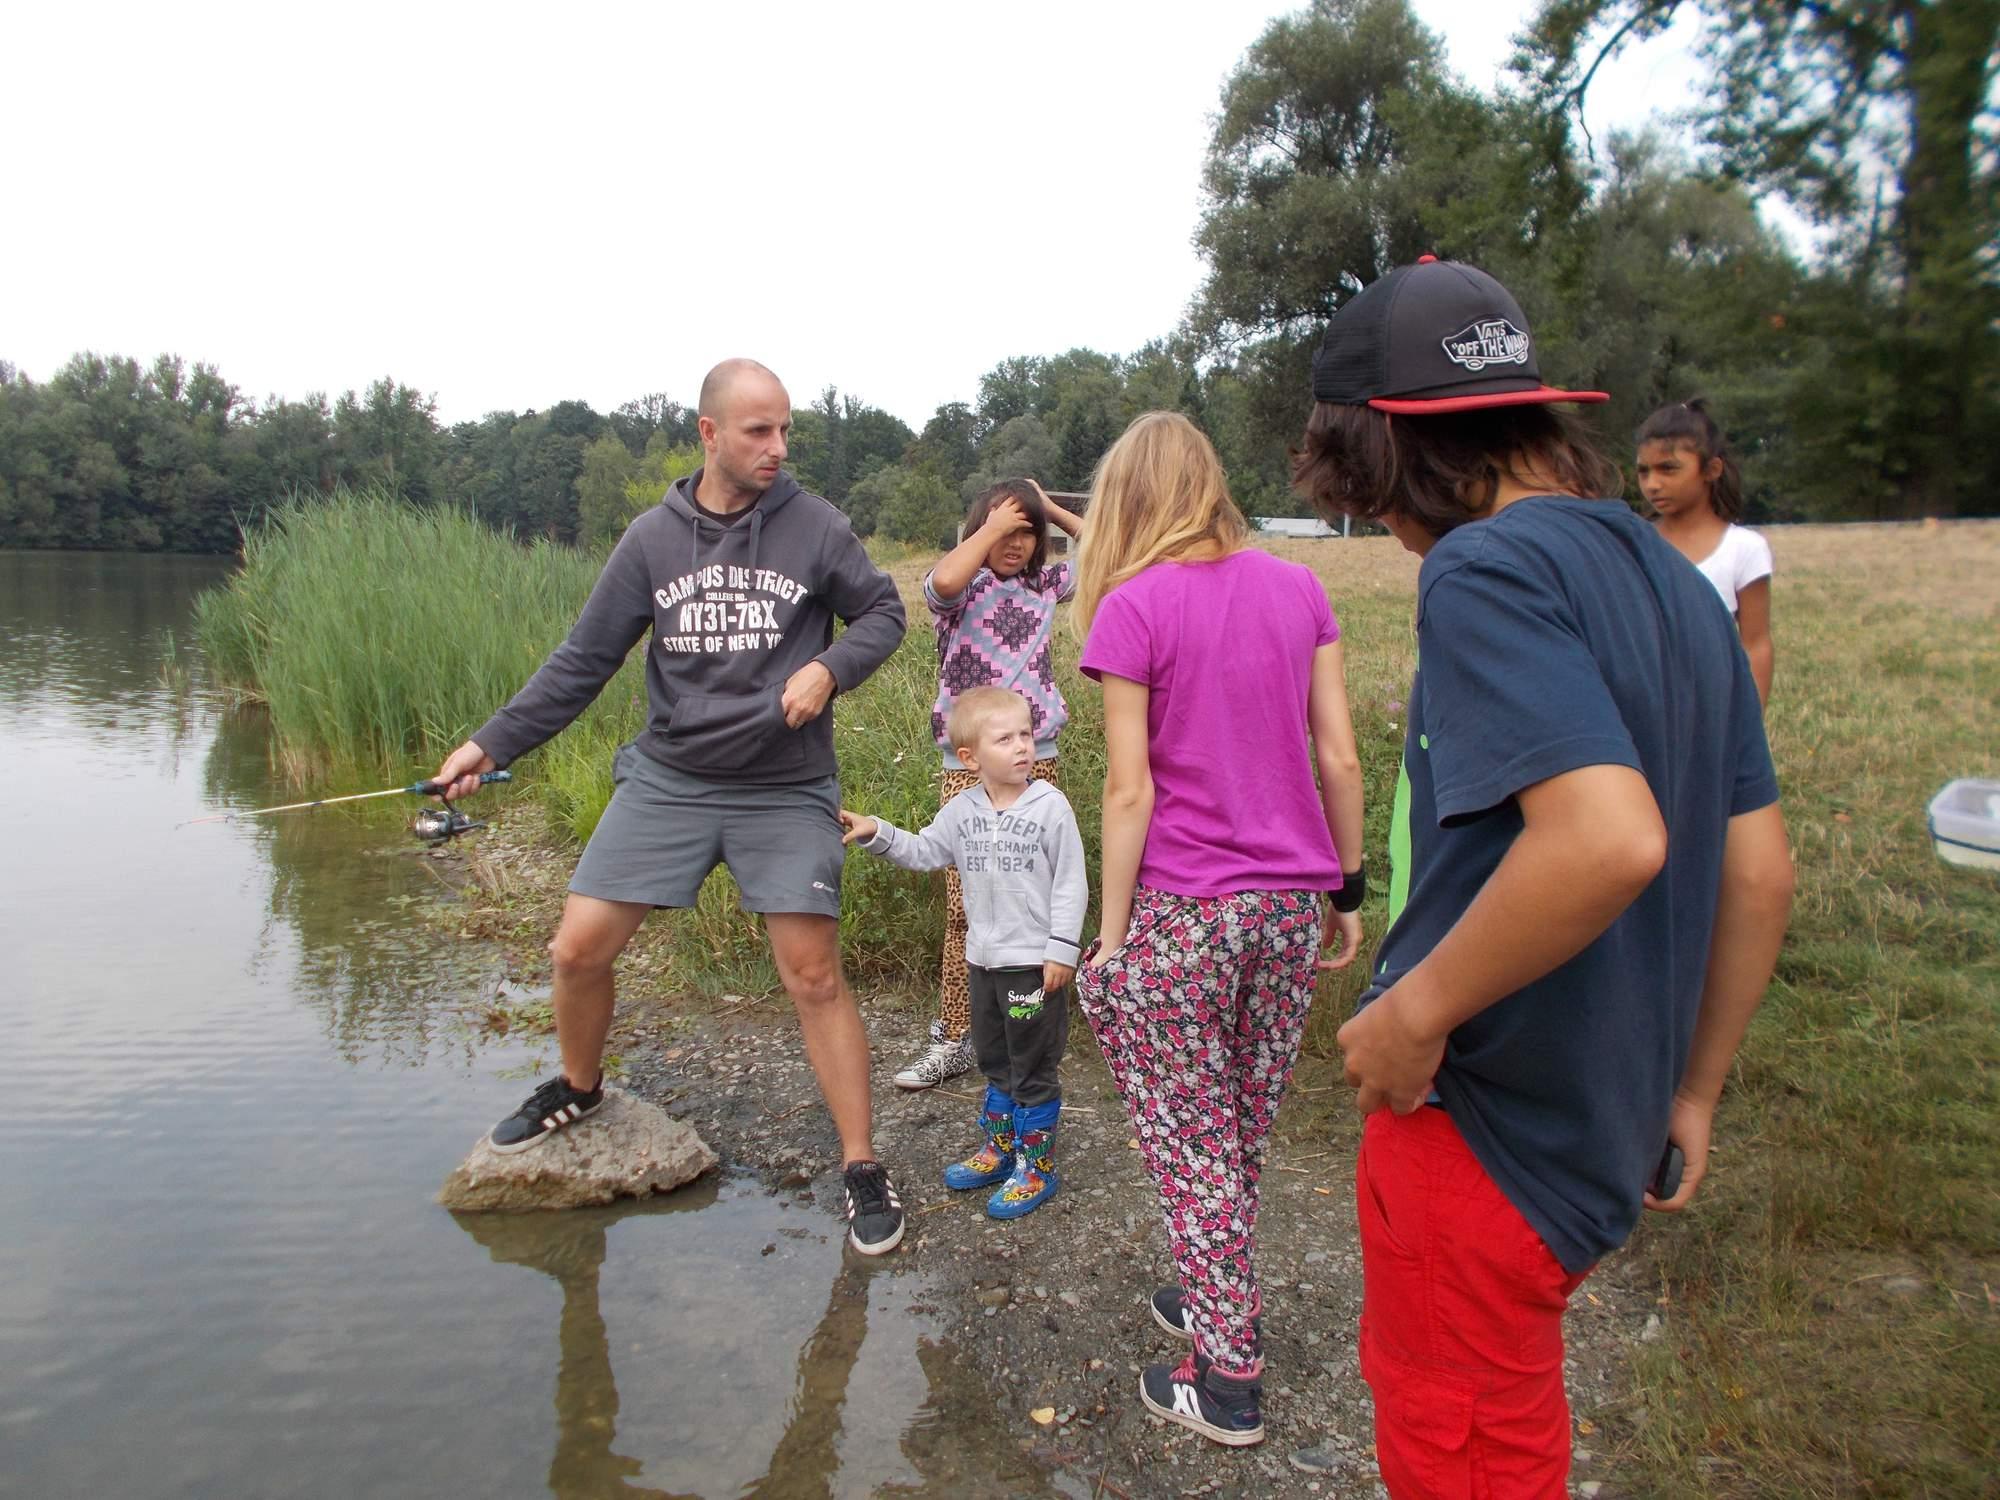 Děti na rybách 19.8.015 - Motoklub Havrani Havířov z.s